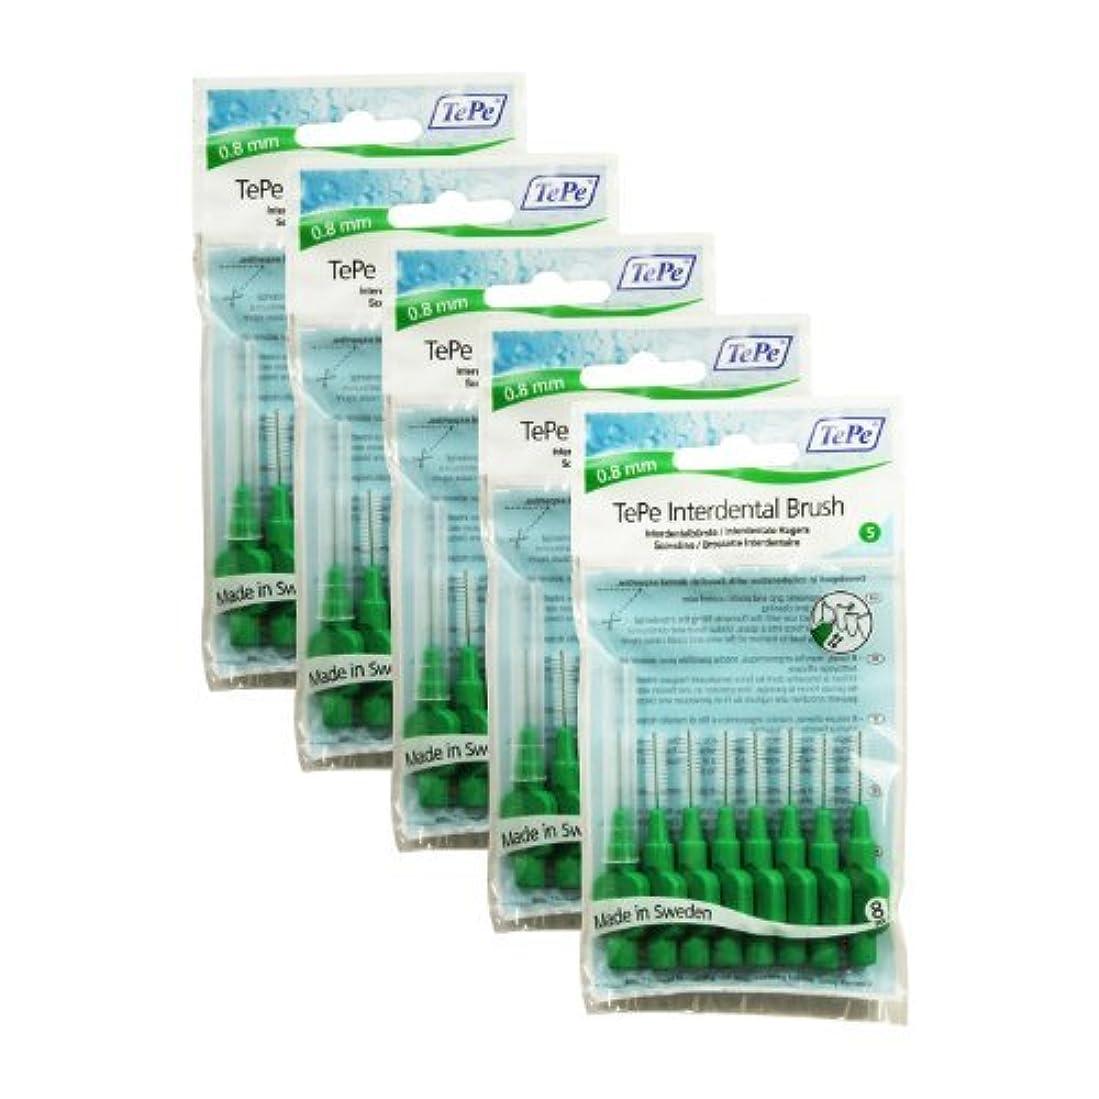 ユダヤ人すでに売り手TePe Original Interdental Brushes, Green (0.8 mm), 40 by TePe